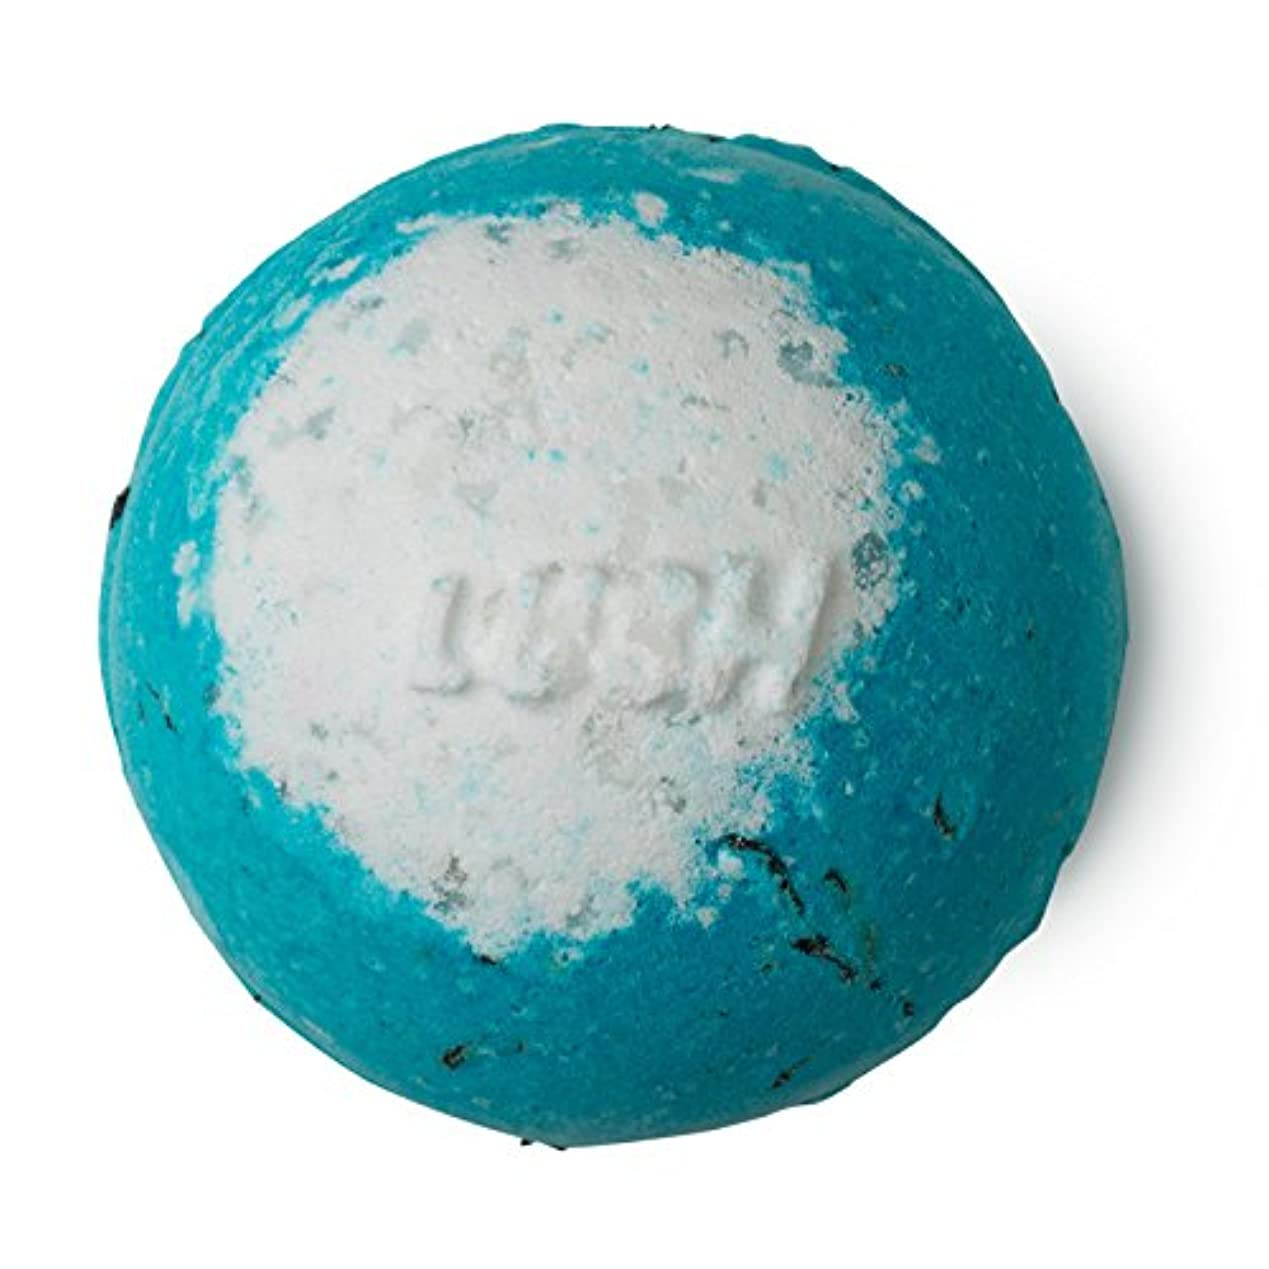 不健康グラフもろいLUSH ラッシュ RUSHラッシュ 200g バスボム 浴用 シーソルト 入浴剤 ラベンダーオイル 入浴剤 ギフト